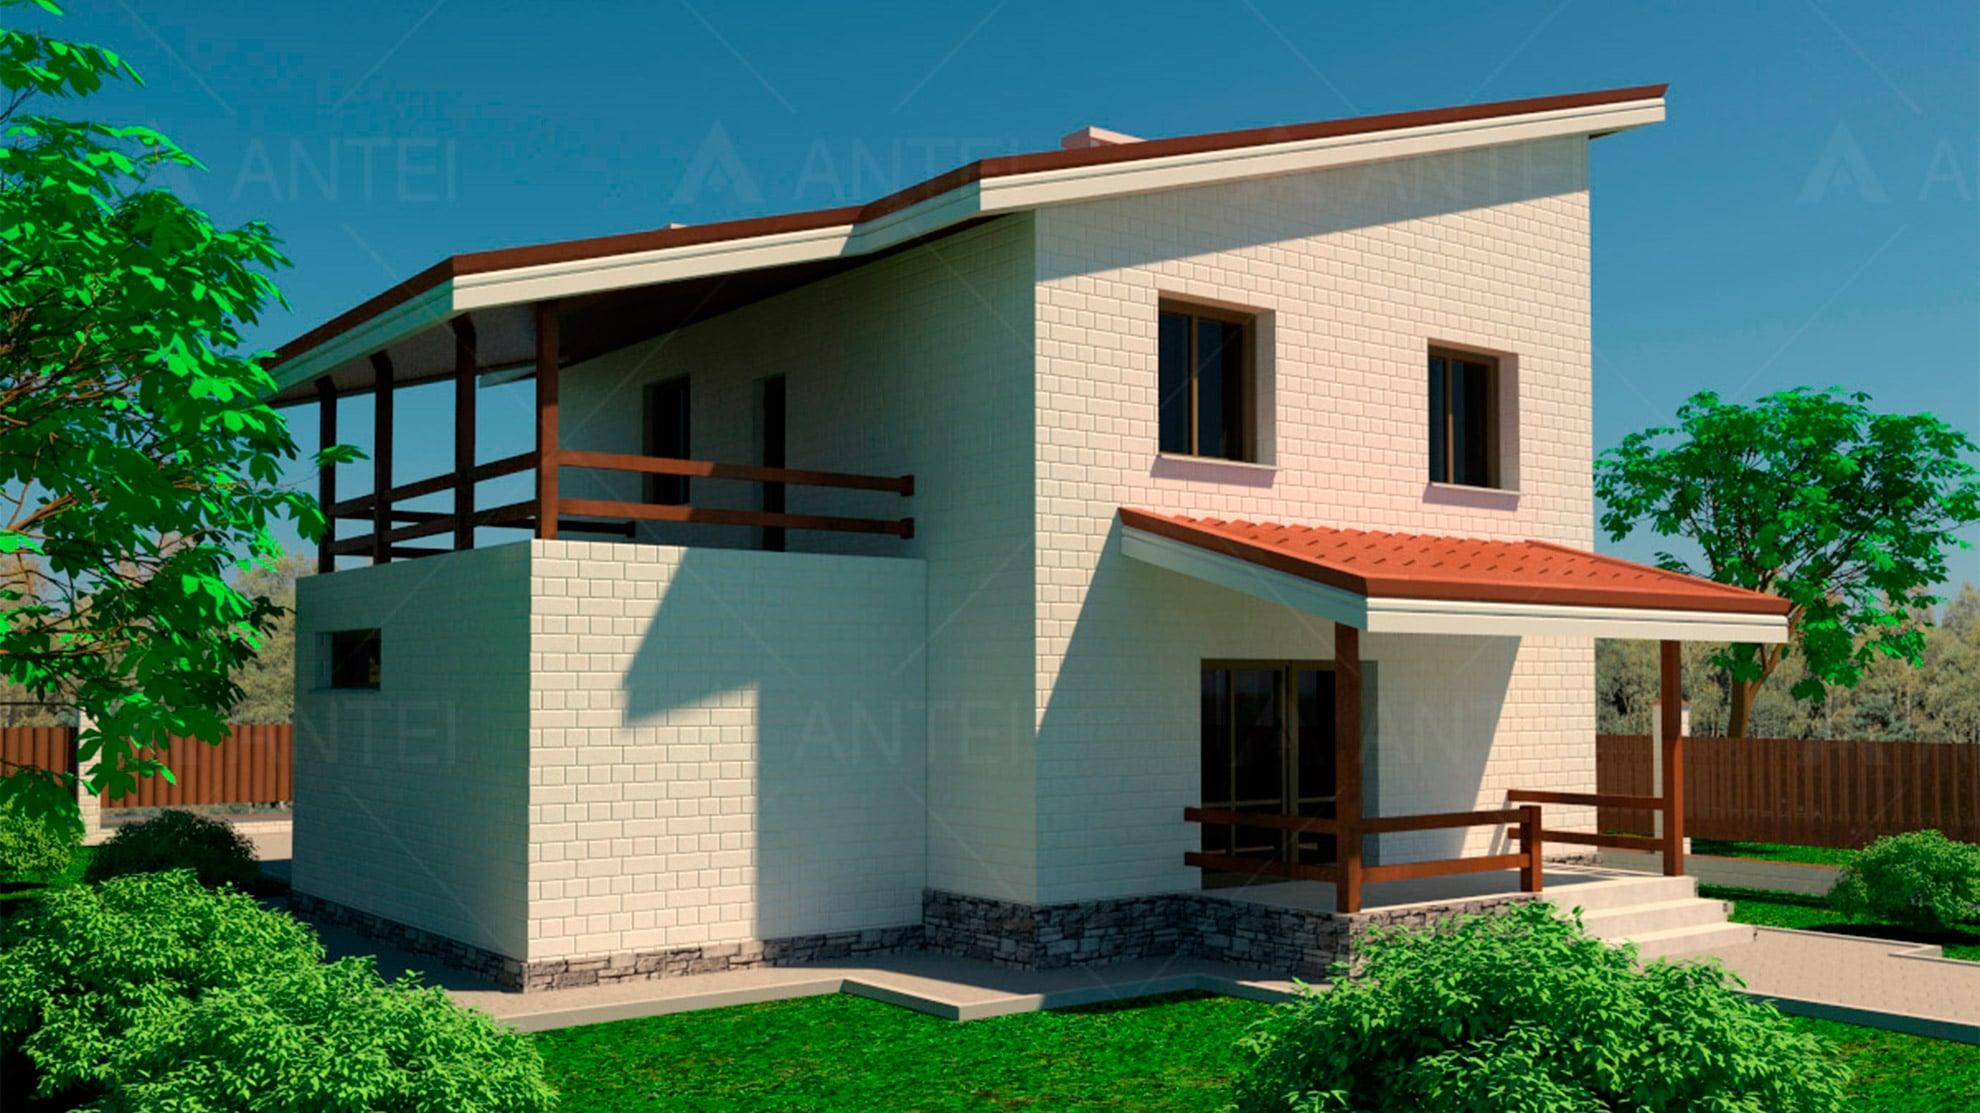 Проект двухэтажного дома с гаражом и террасой «КД-15» - фото №3